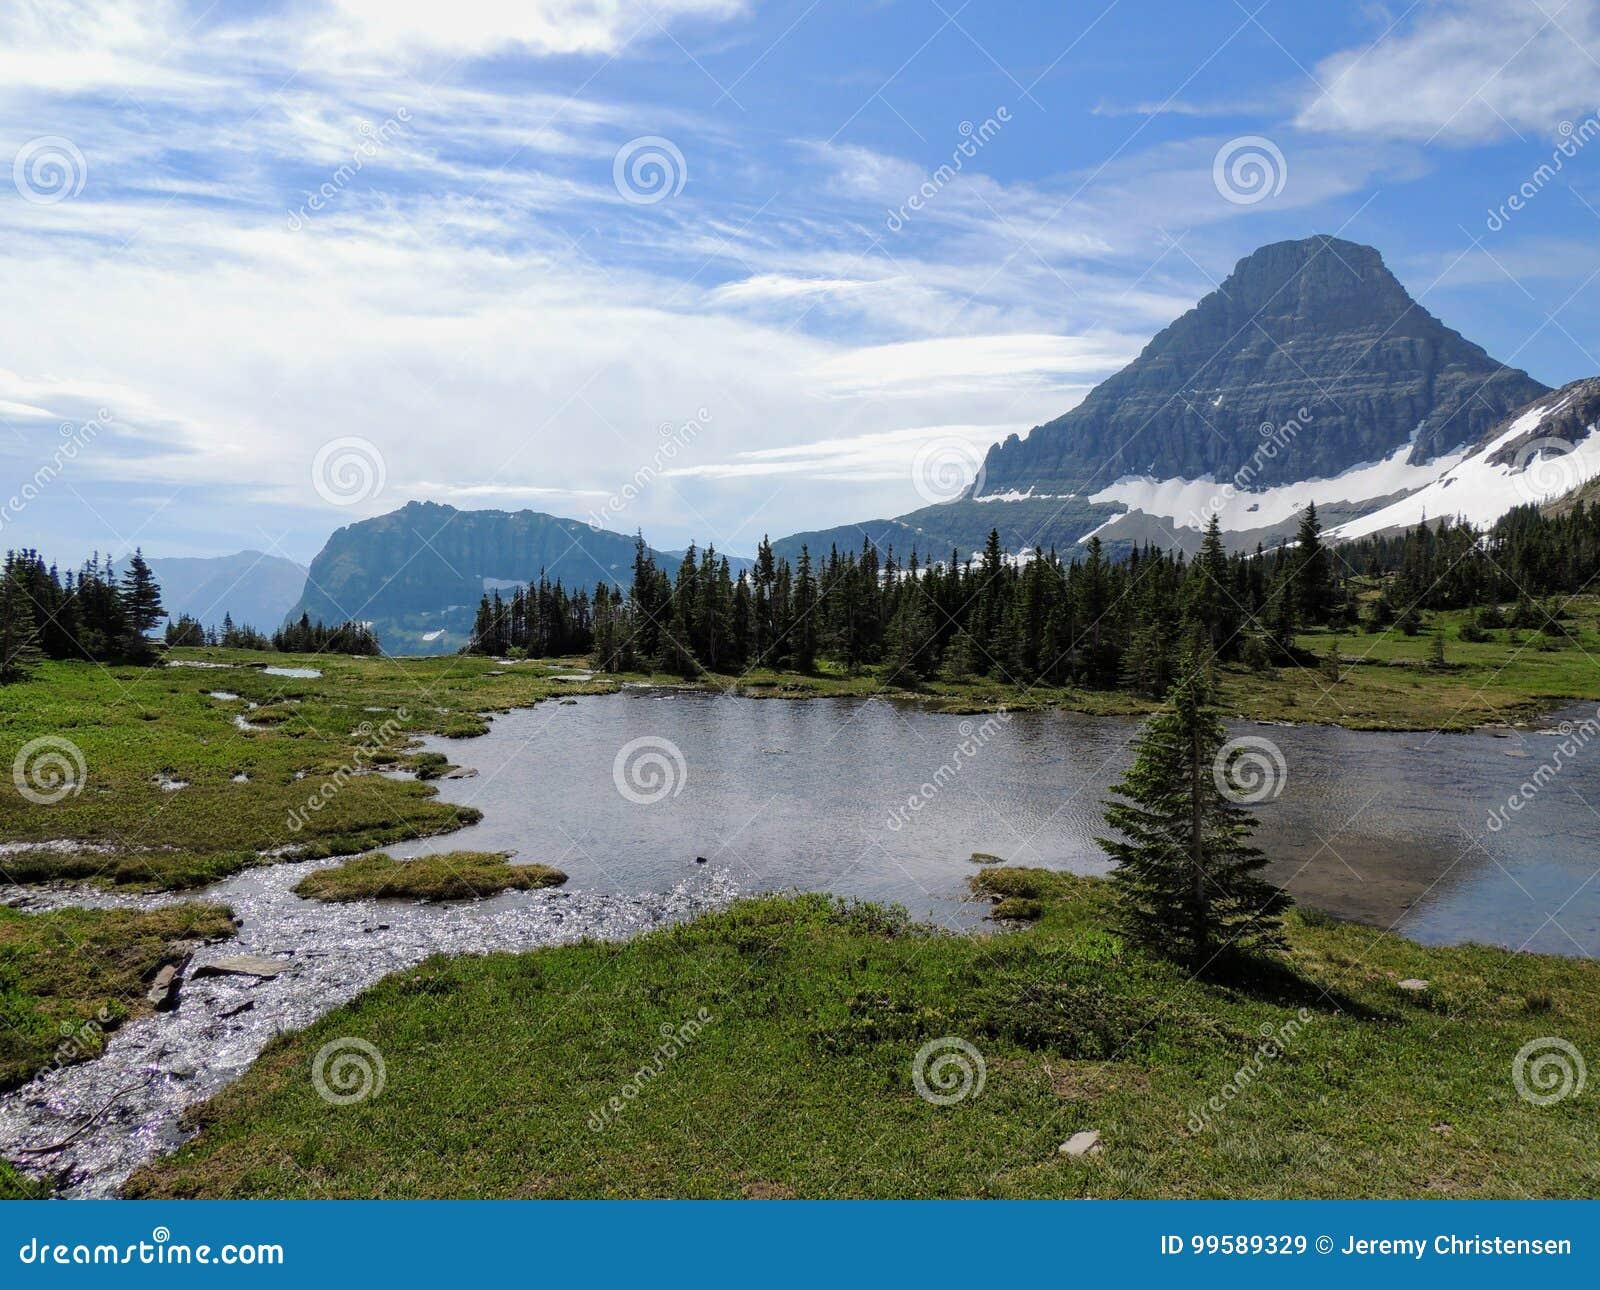 Indo à estrada de Sun, ideia da paisagem, campos de neve no parque nacional de geleira em torno de Logan Pass, lago escondido, fu